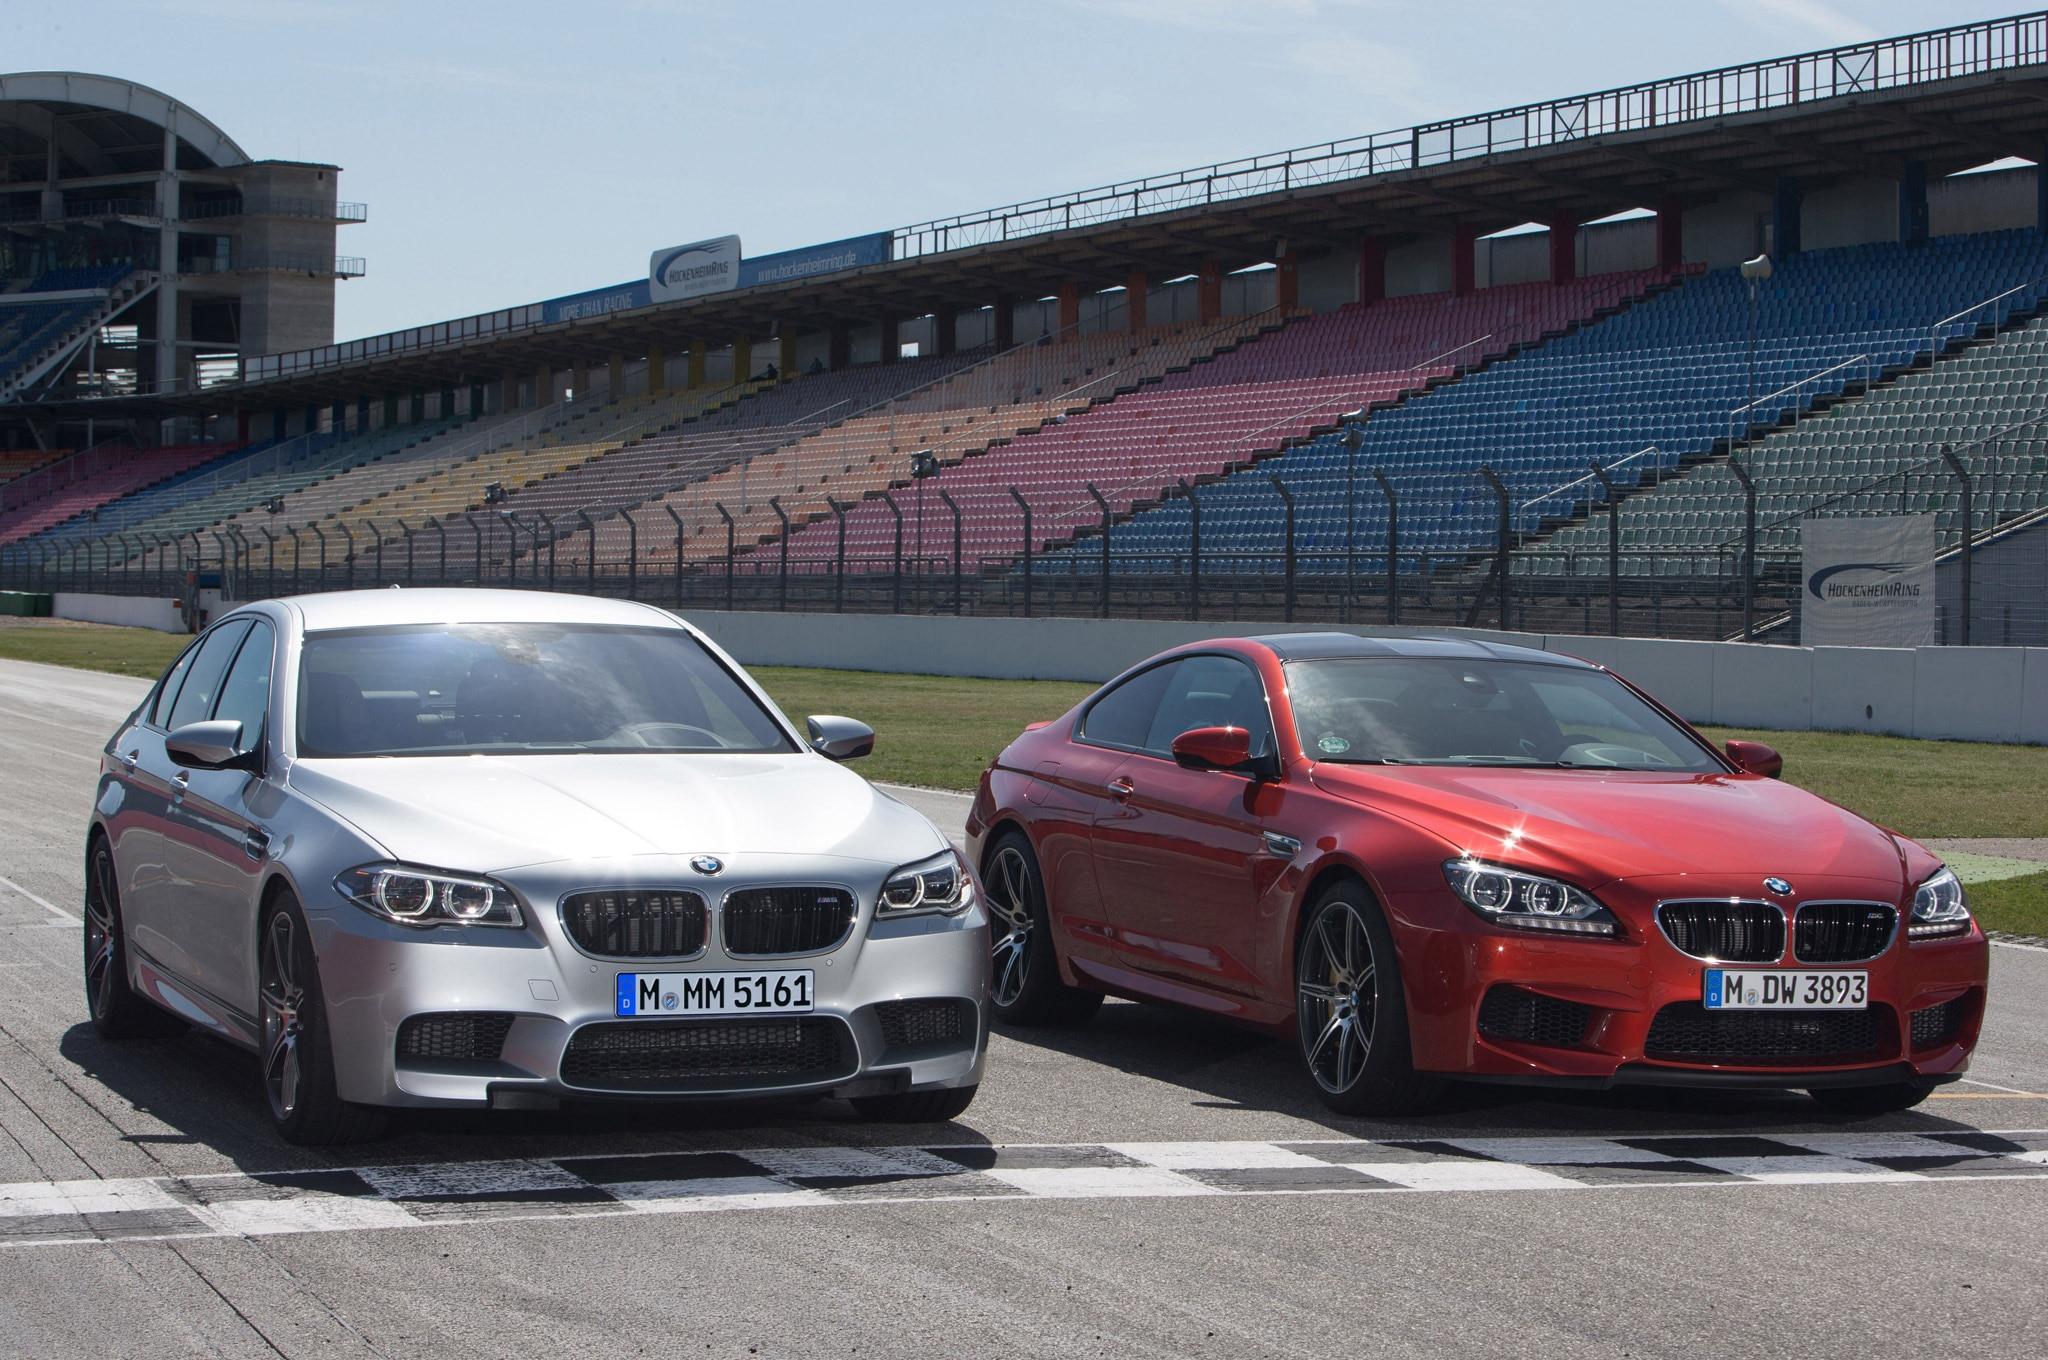 Worksheet. 2014 BMW M5 Updated 5 Series Gains Diesel Engine